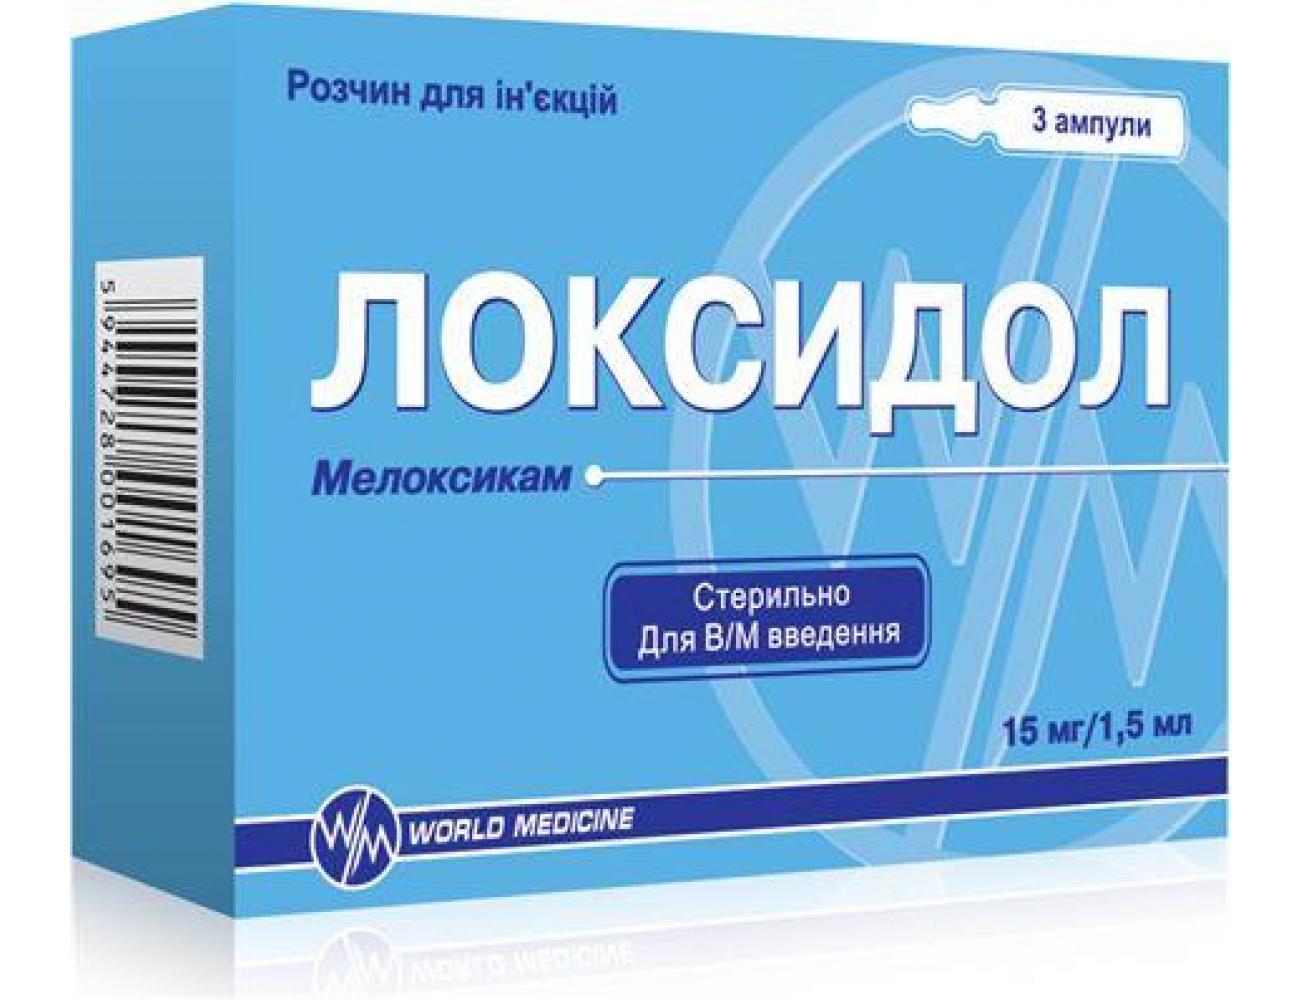 Локсидол инструкция, цена в аптеках на Локсидол